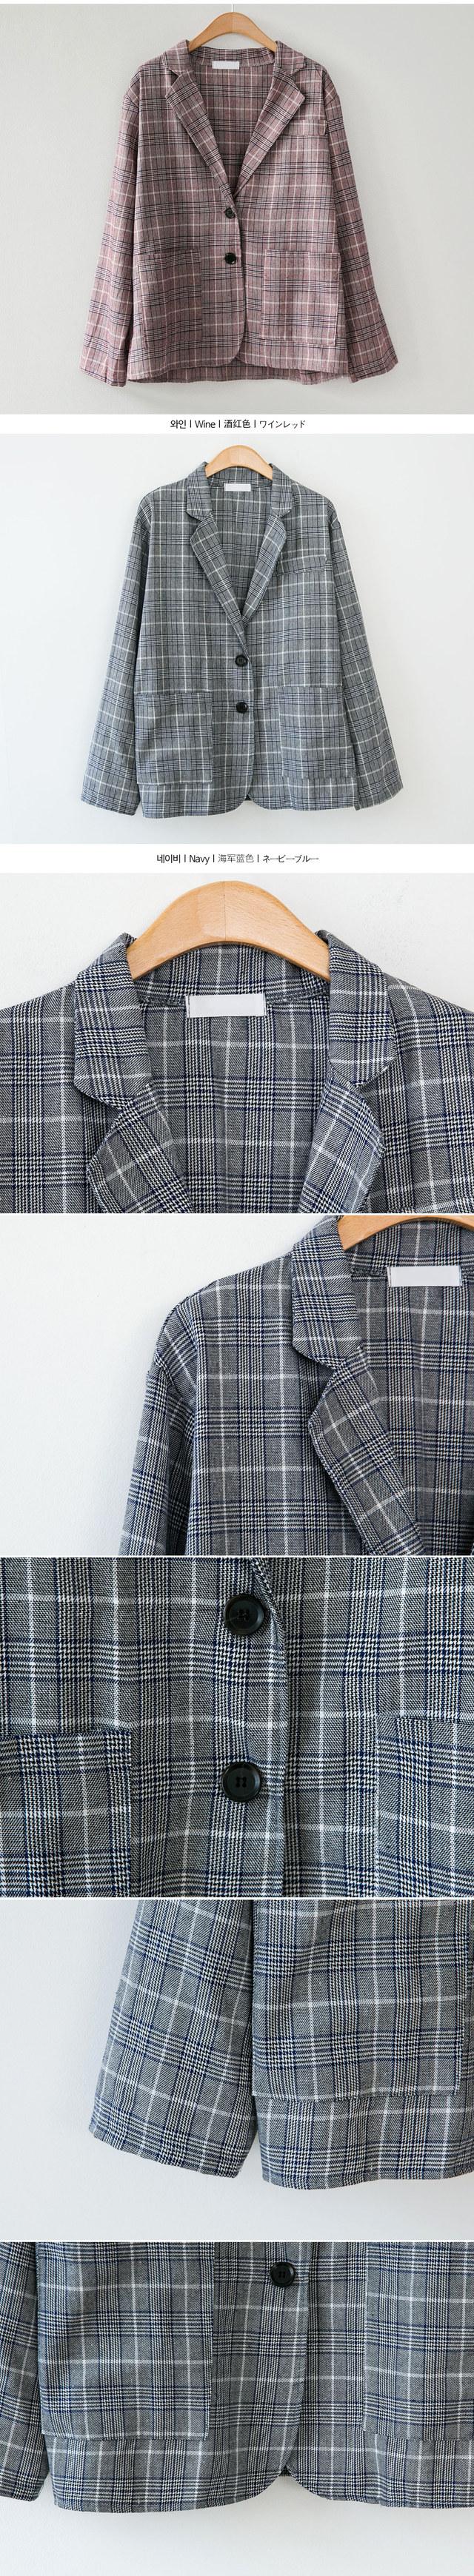 Billing check jacket